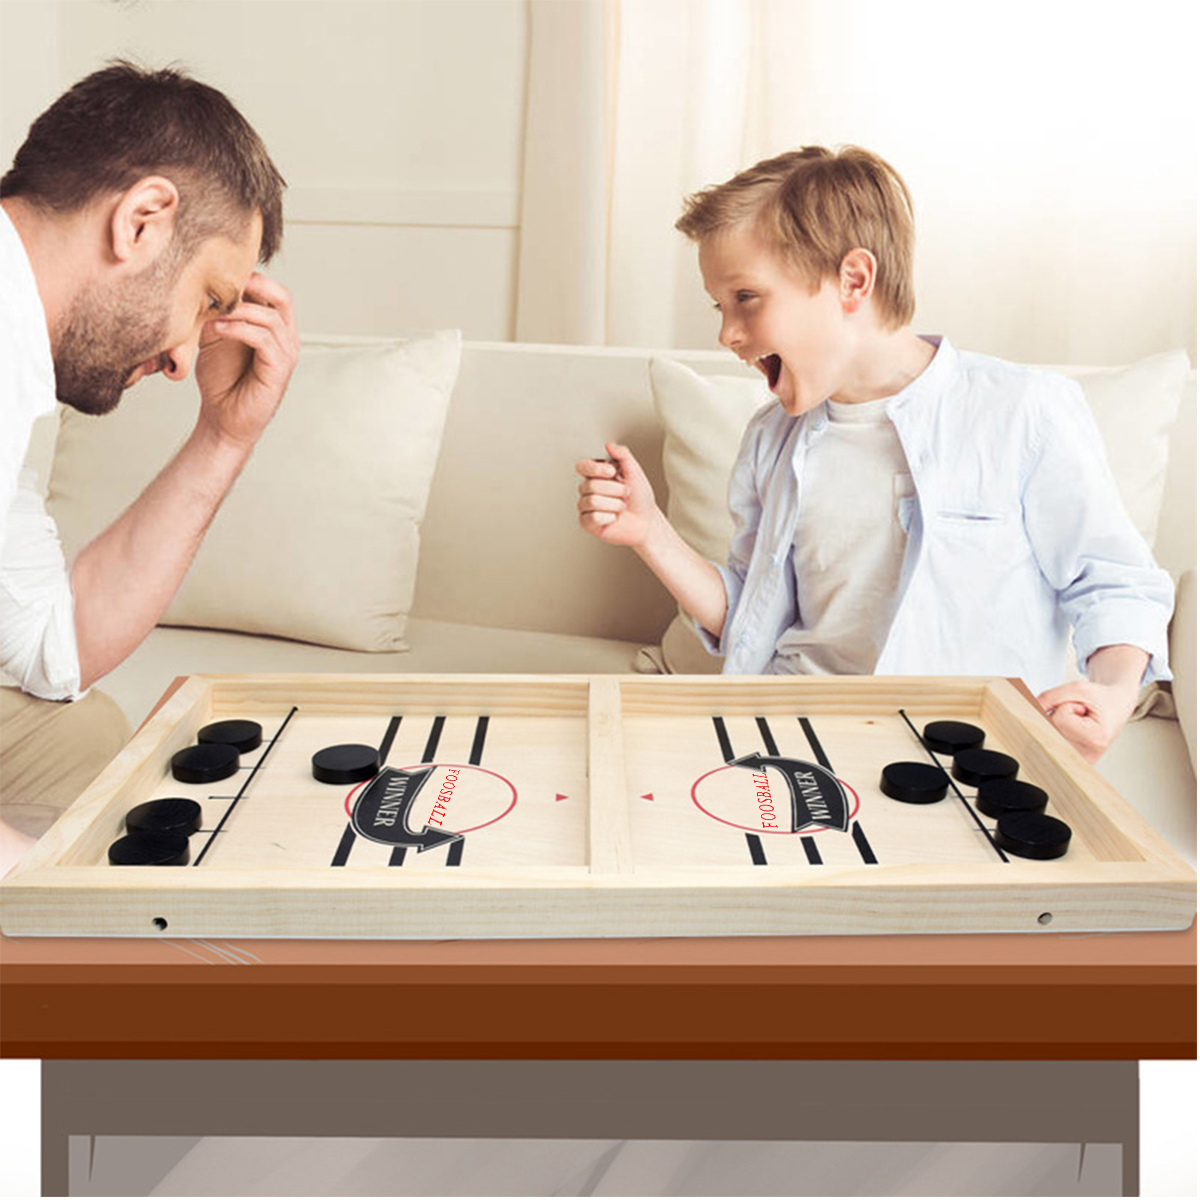 Giochi da tavolo portatili gioco da tavolo a fionda veloce gioco da imbracatura in legno gioco da Puck Indoor adulto bambino famiglia gioco da gioco giocattoli Hockey veloce